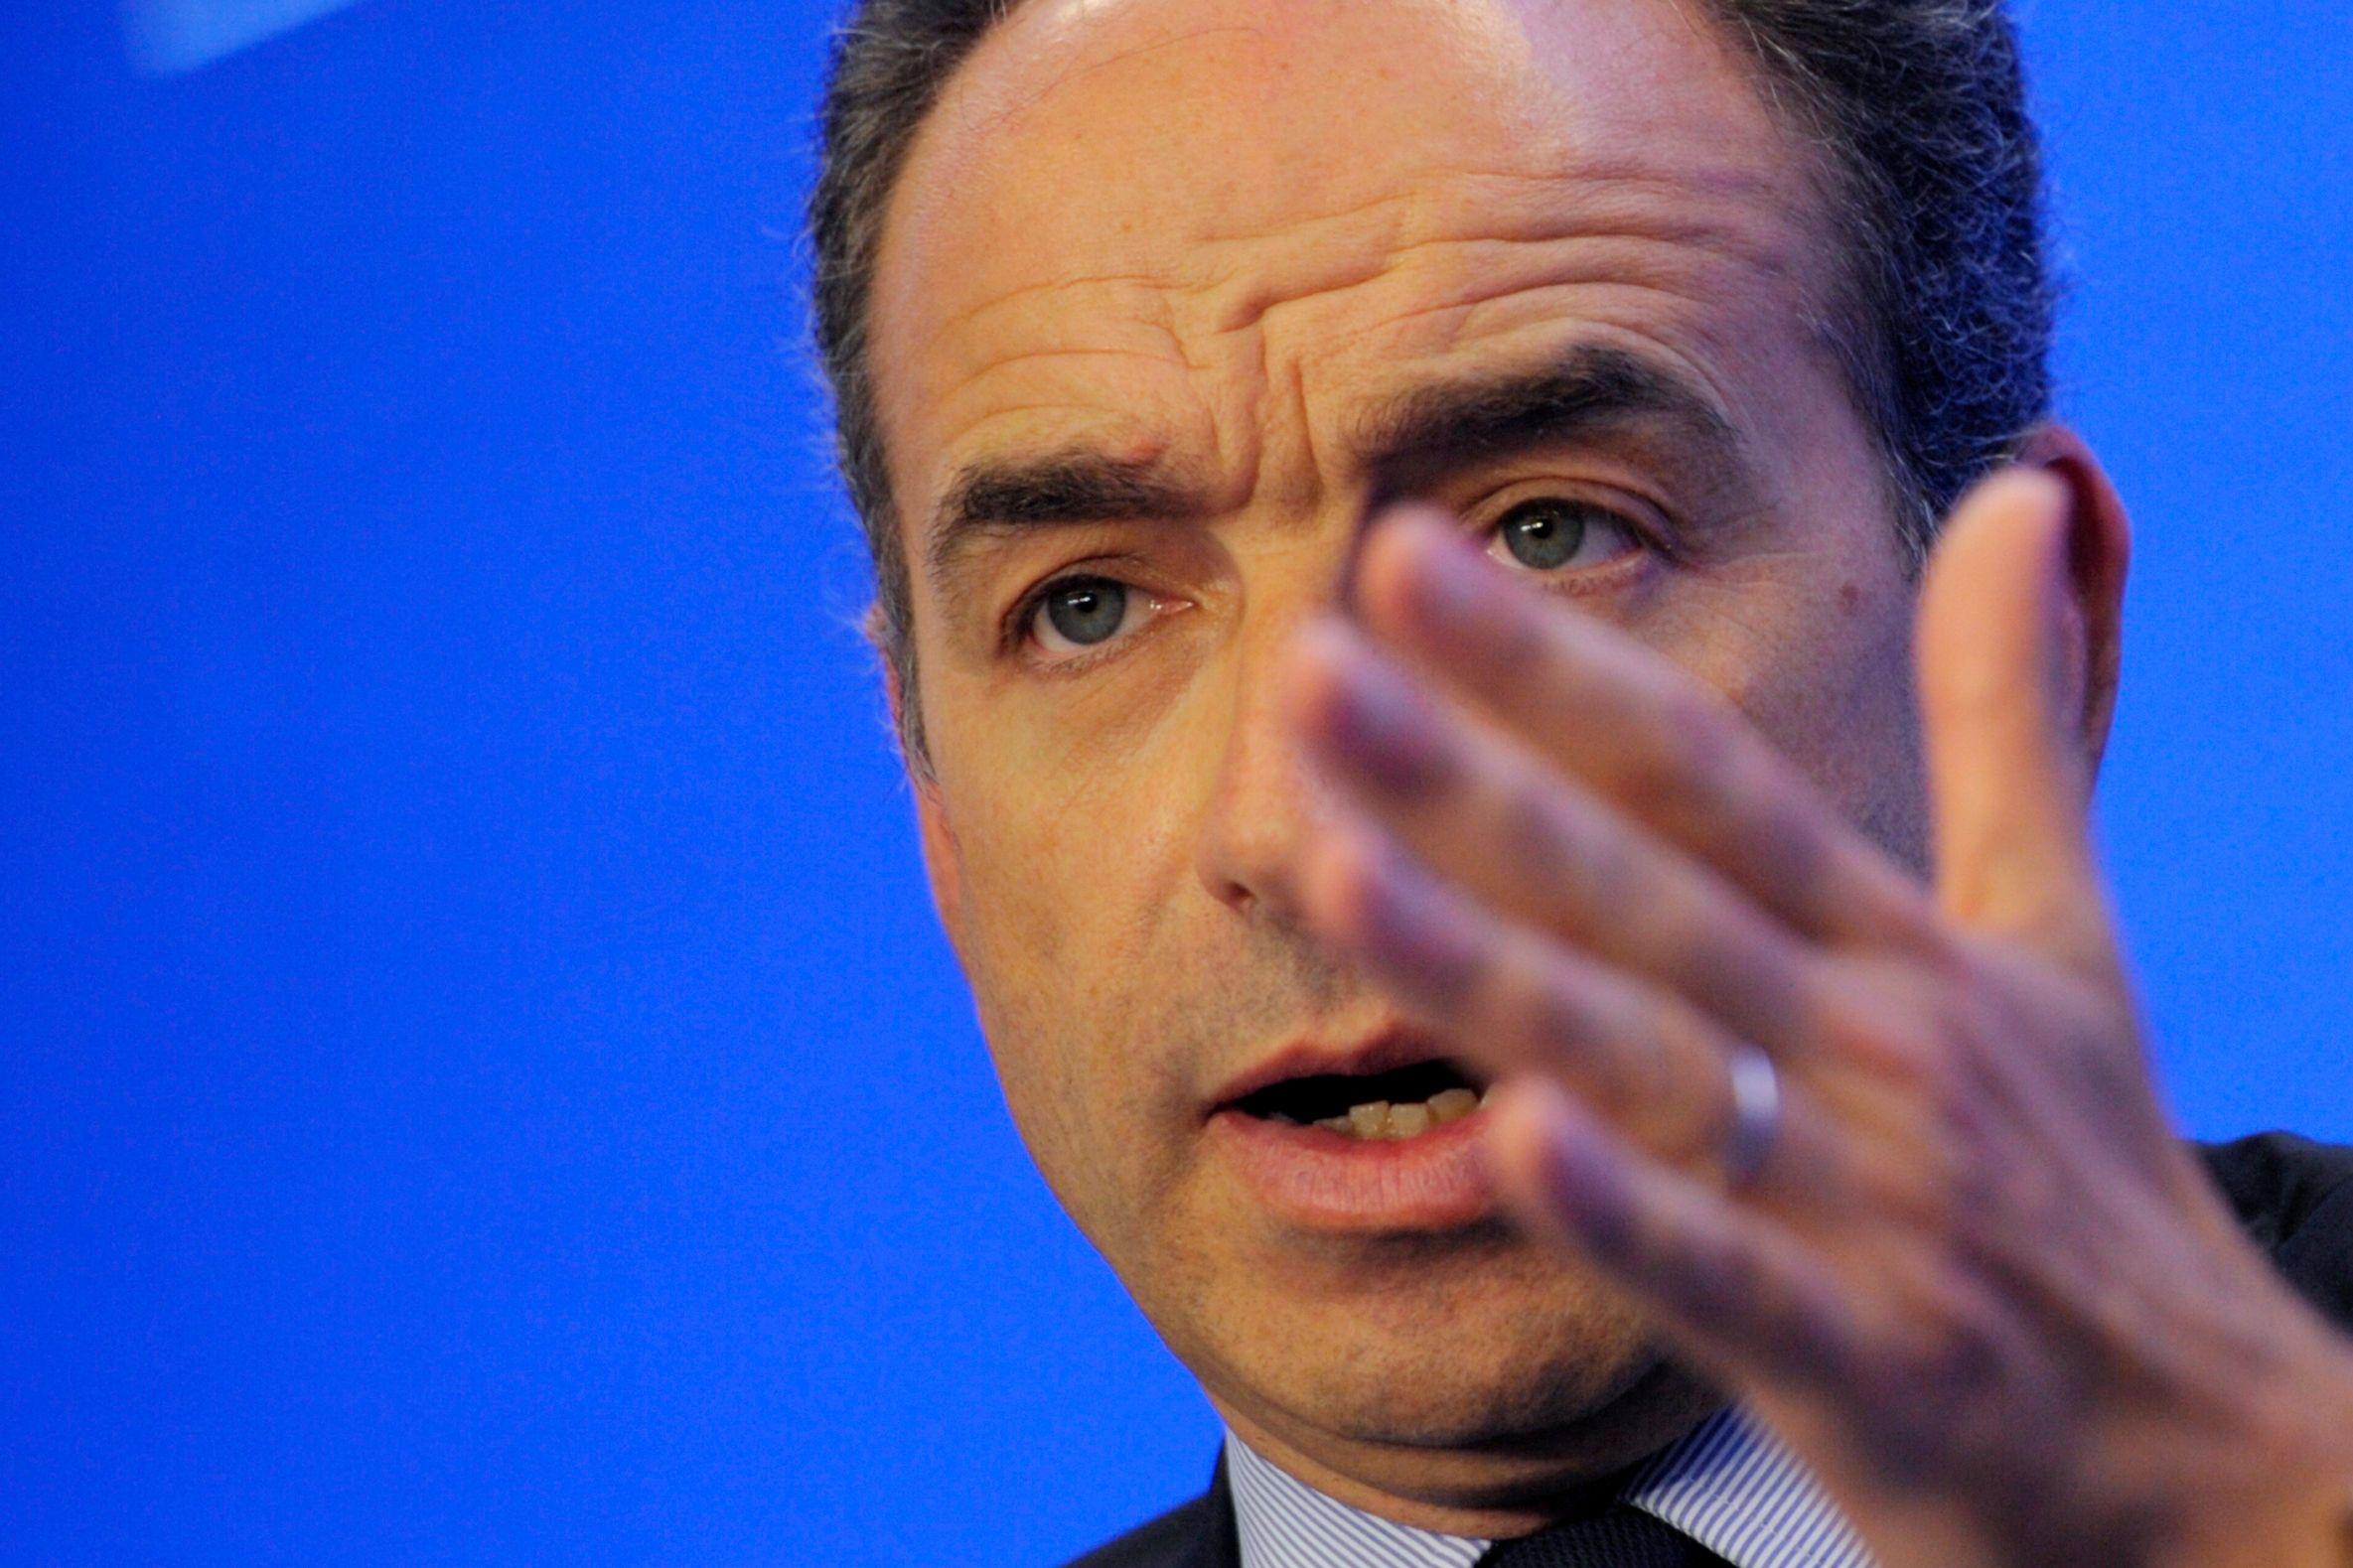 Jean-François Copé s'est officiellement lancé dimanche dans la course à la présidence de l'UMP, élection qui promet un duel féroce avec François Fillon, favori des sondages.